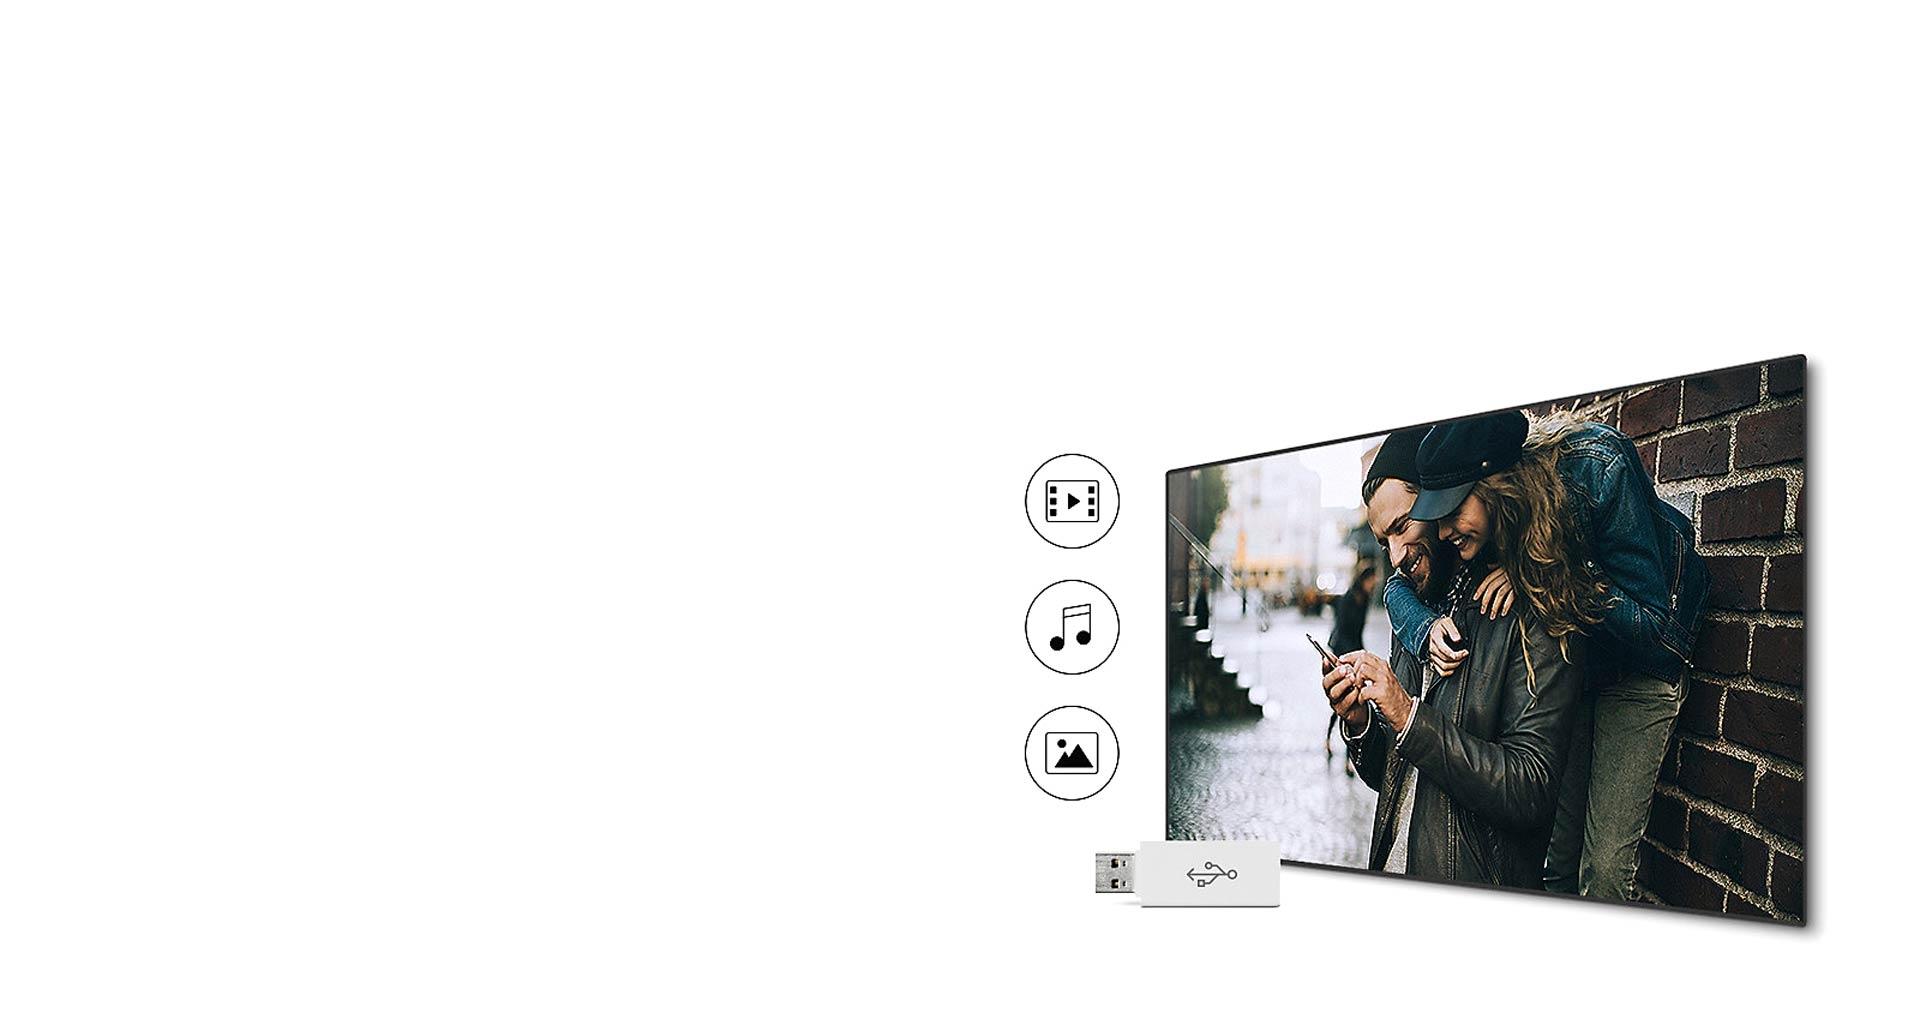 اشتراک گذاری آسان با تلویزیون 49 اینچی مدل N6900 سامسونگ